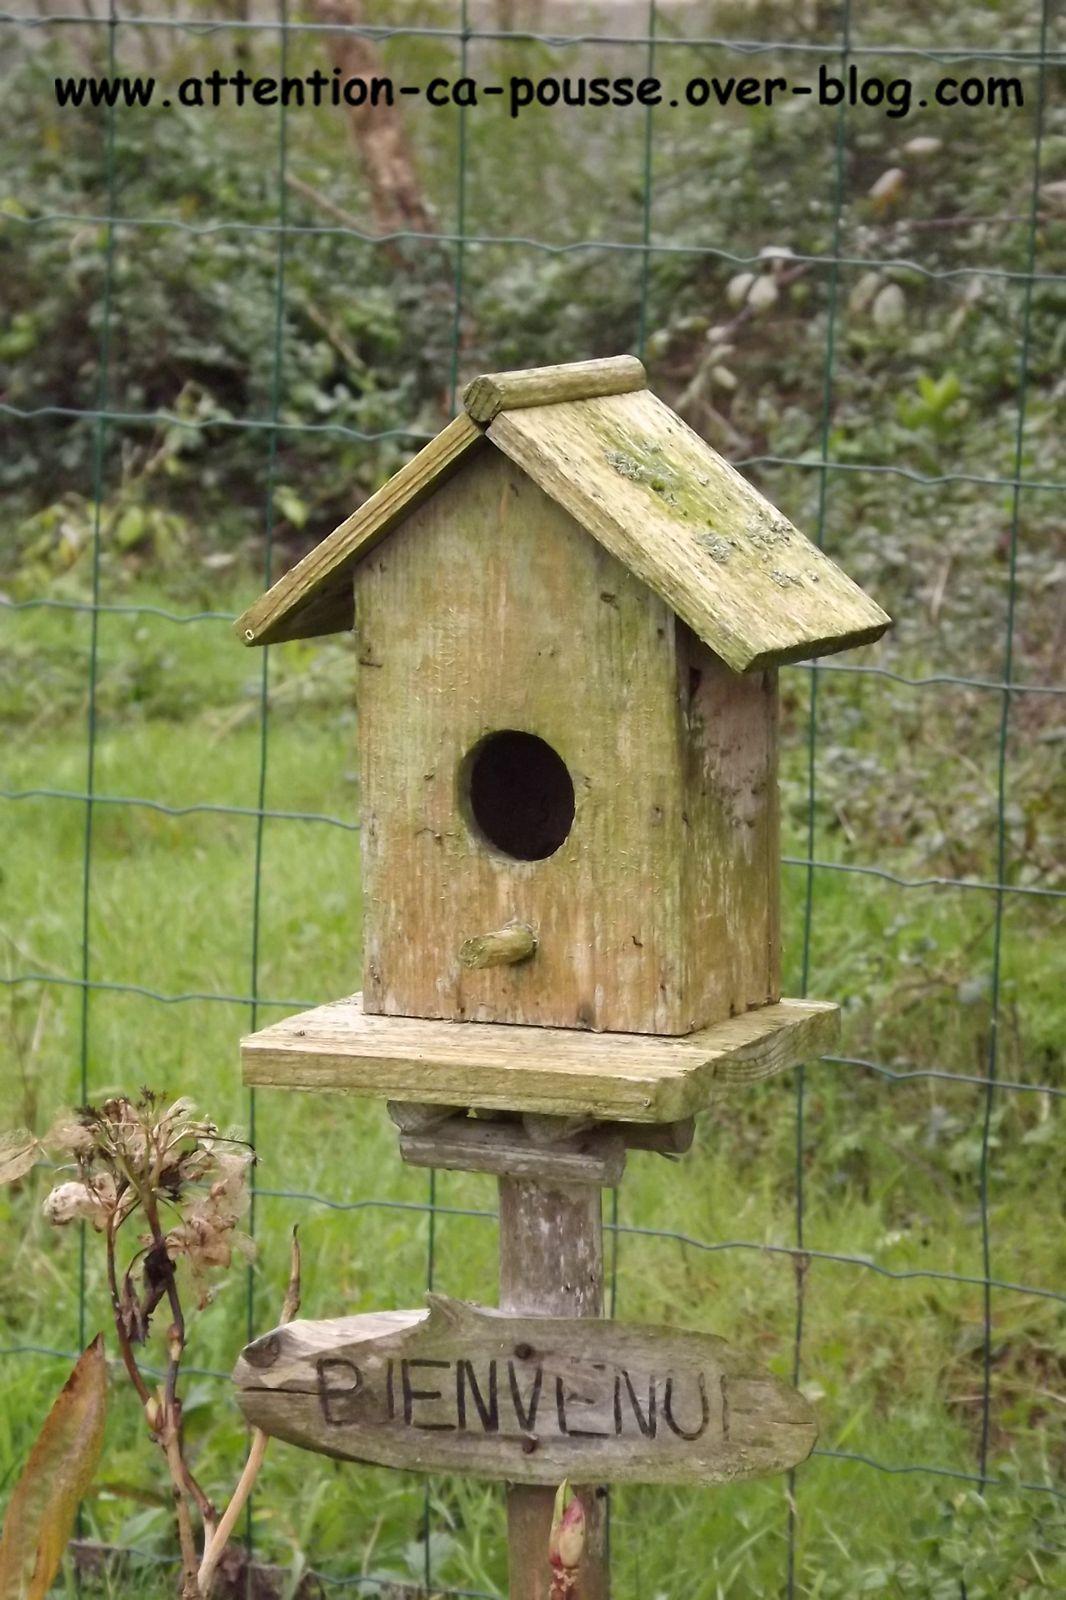 Nichoirs Oiseaux Attention A Pousse